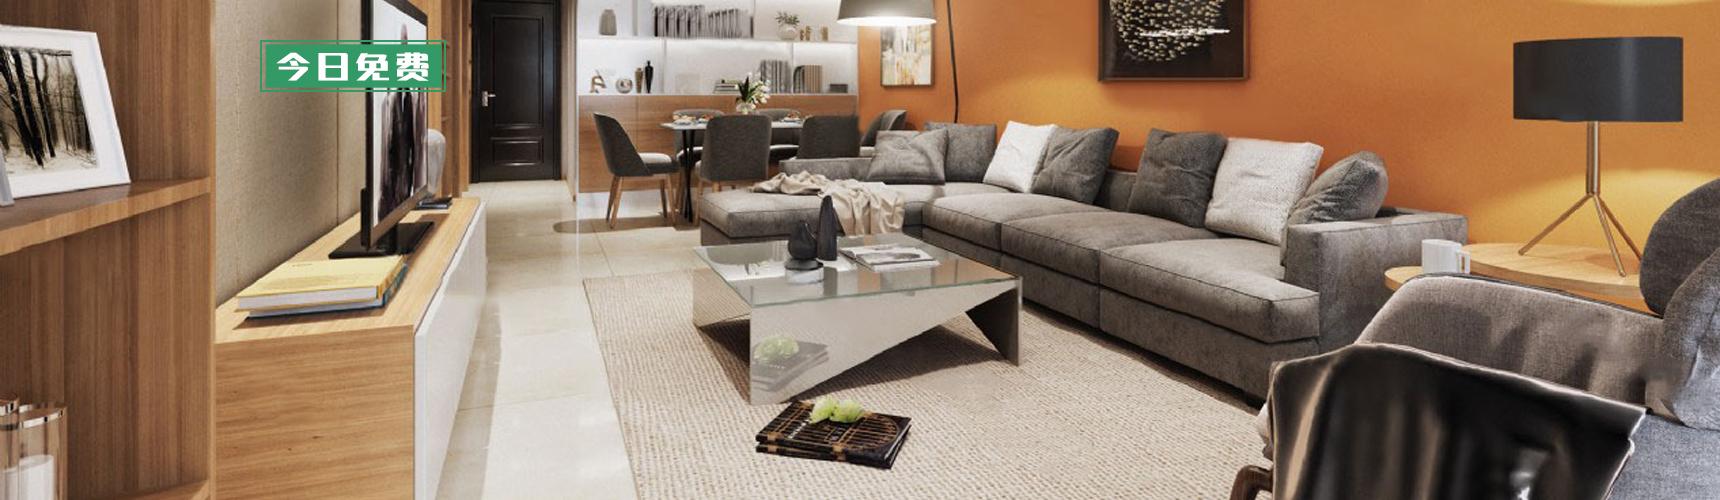 现代客餐厅 沙发茶几 空间3D模型